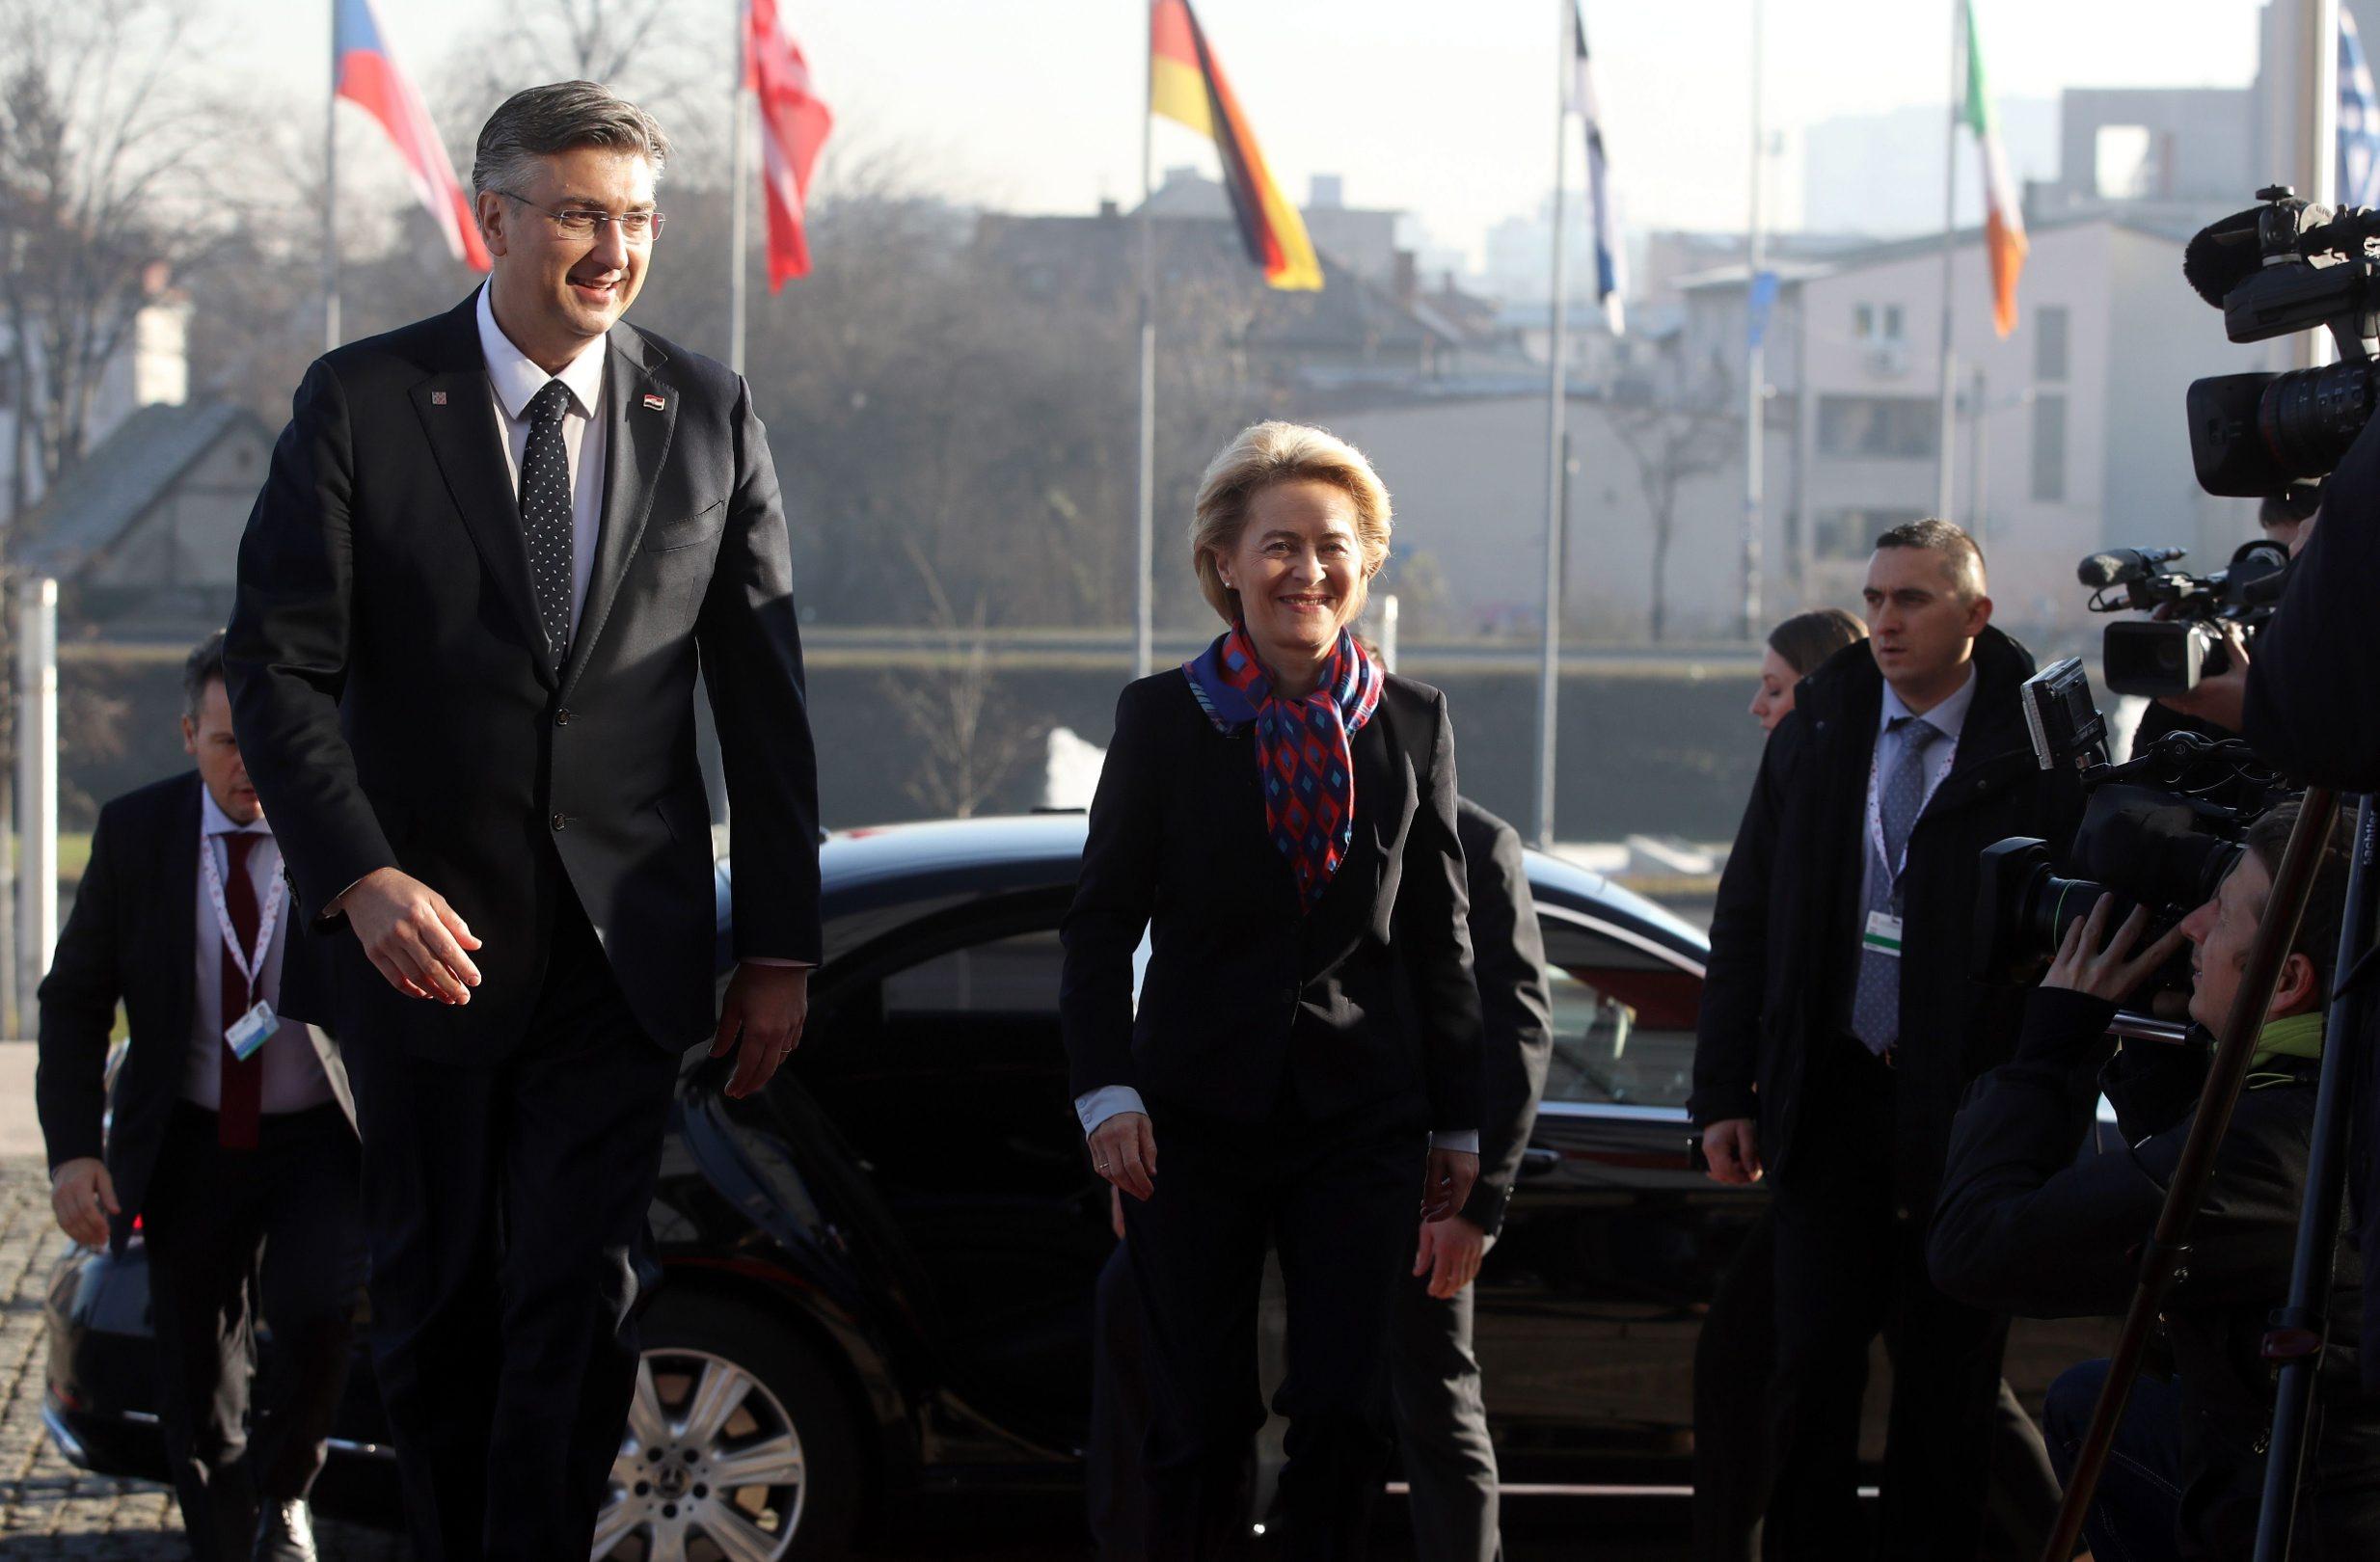 Dolazak Premijera Andreja Plenkovića i predsjednice Europske komisije Ursule von der Leyen u Nacionalnu i sveučilišnu knjižnicu u Zagrebu